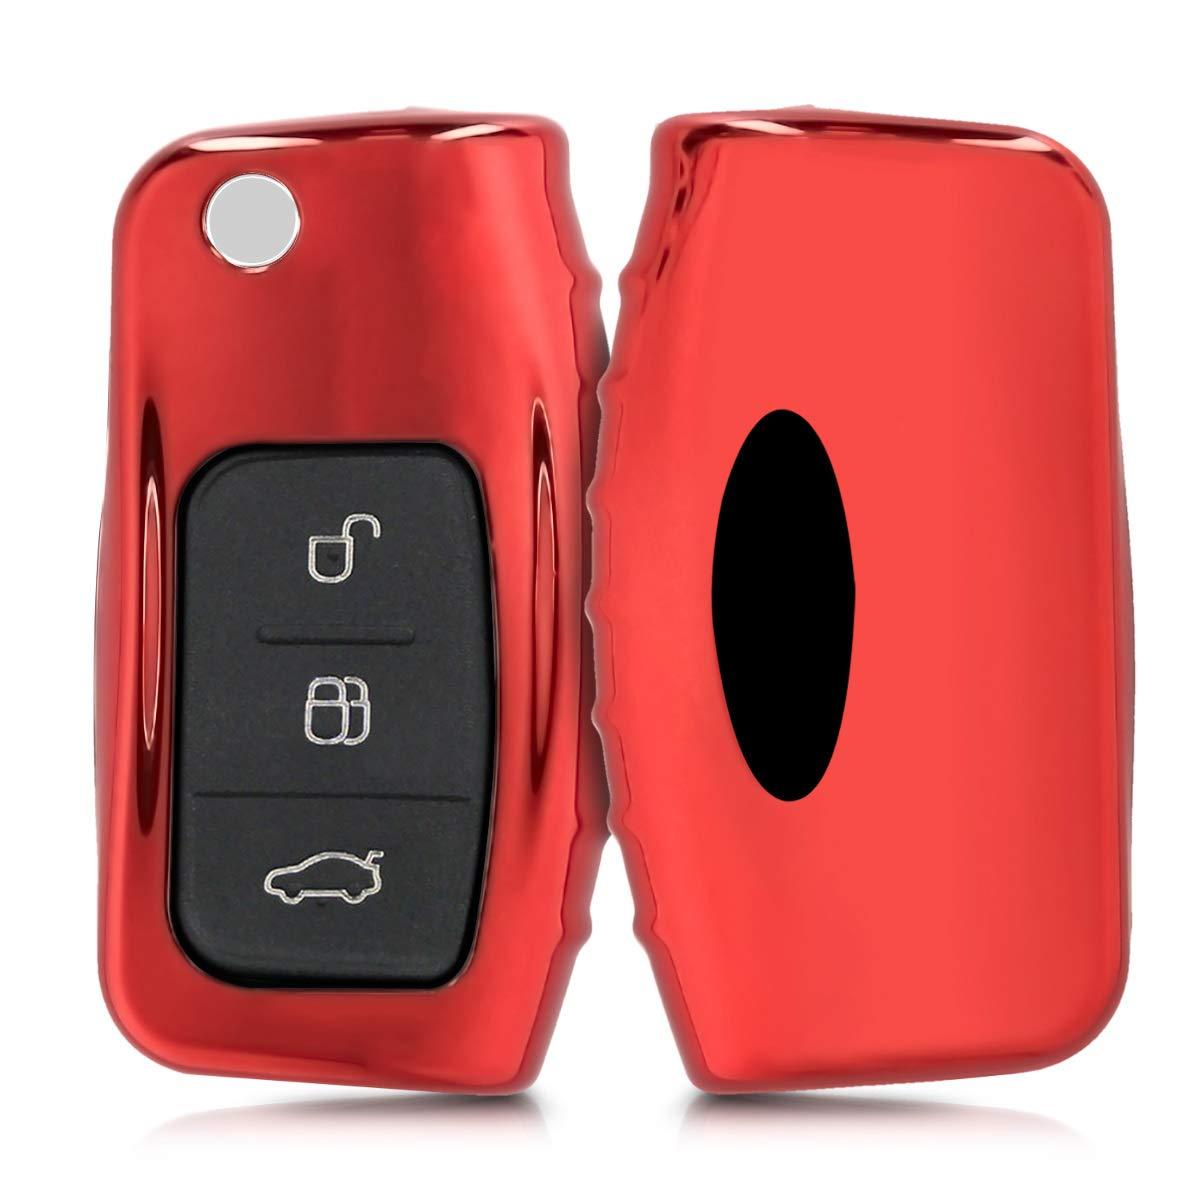 kwmobile Custodia Protettiva per Chiave Pieghevole Ford con 3 Tasti - Cover Chiave Auto in Silicone TPU - Guscio Elastico Protezione per Chiave Ford - Oro Rosa Brillante KW-Commerce 44986.93_m000690